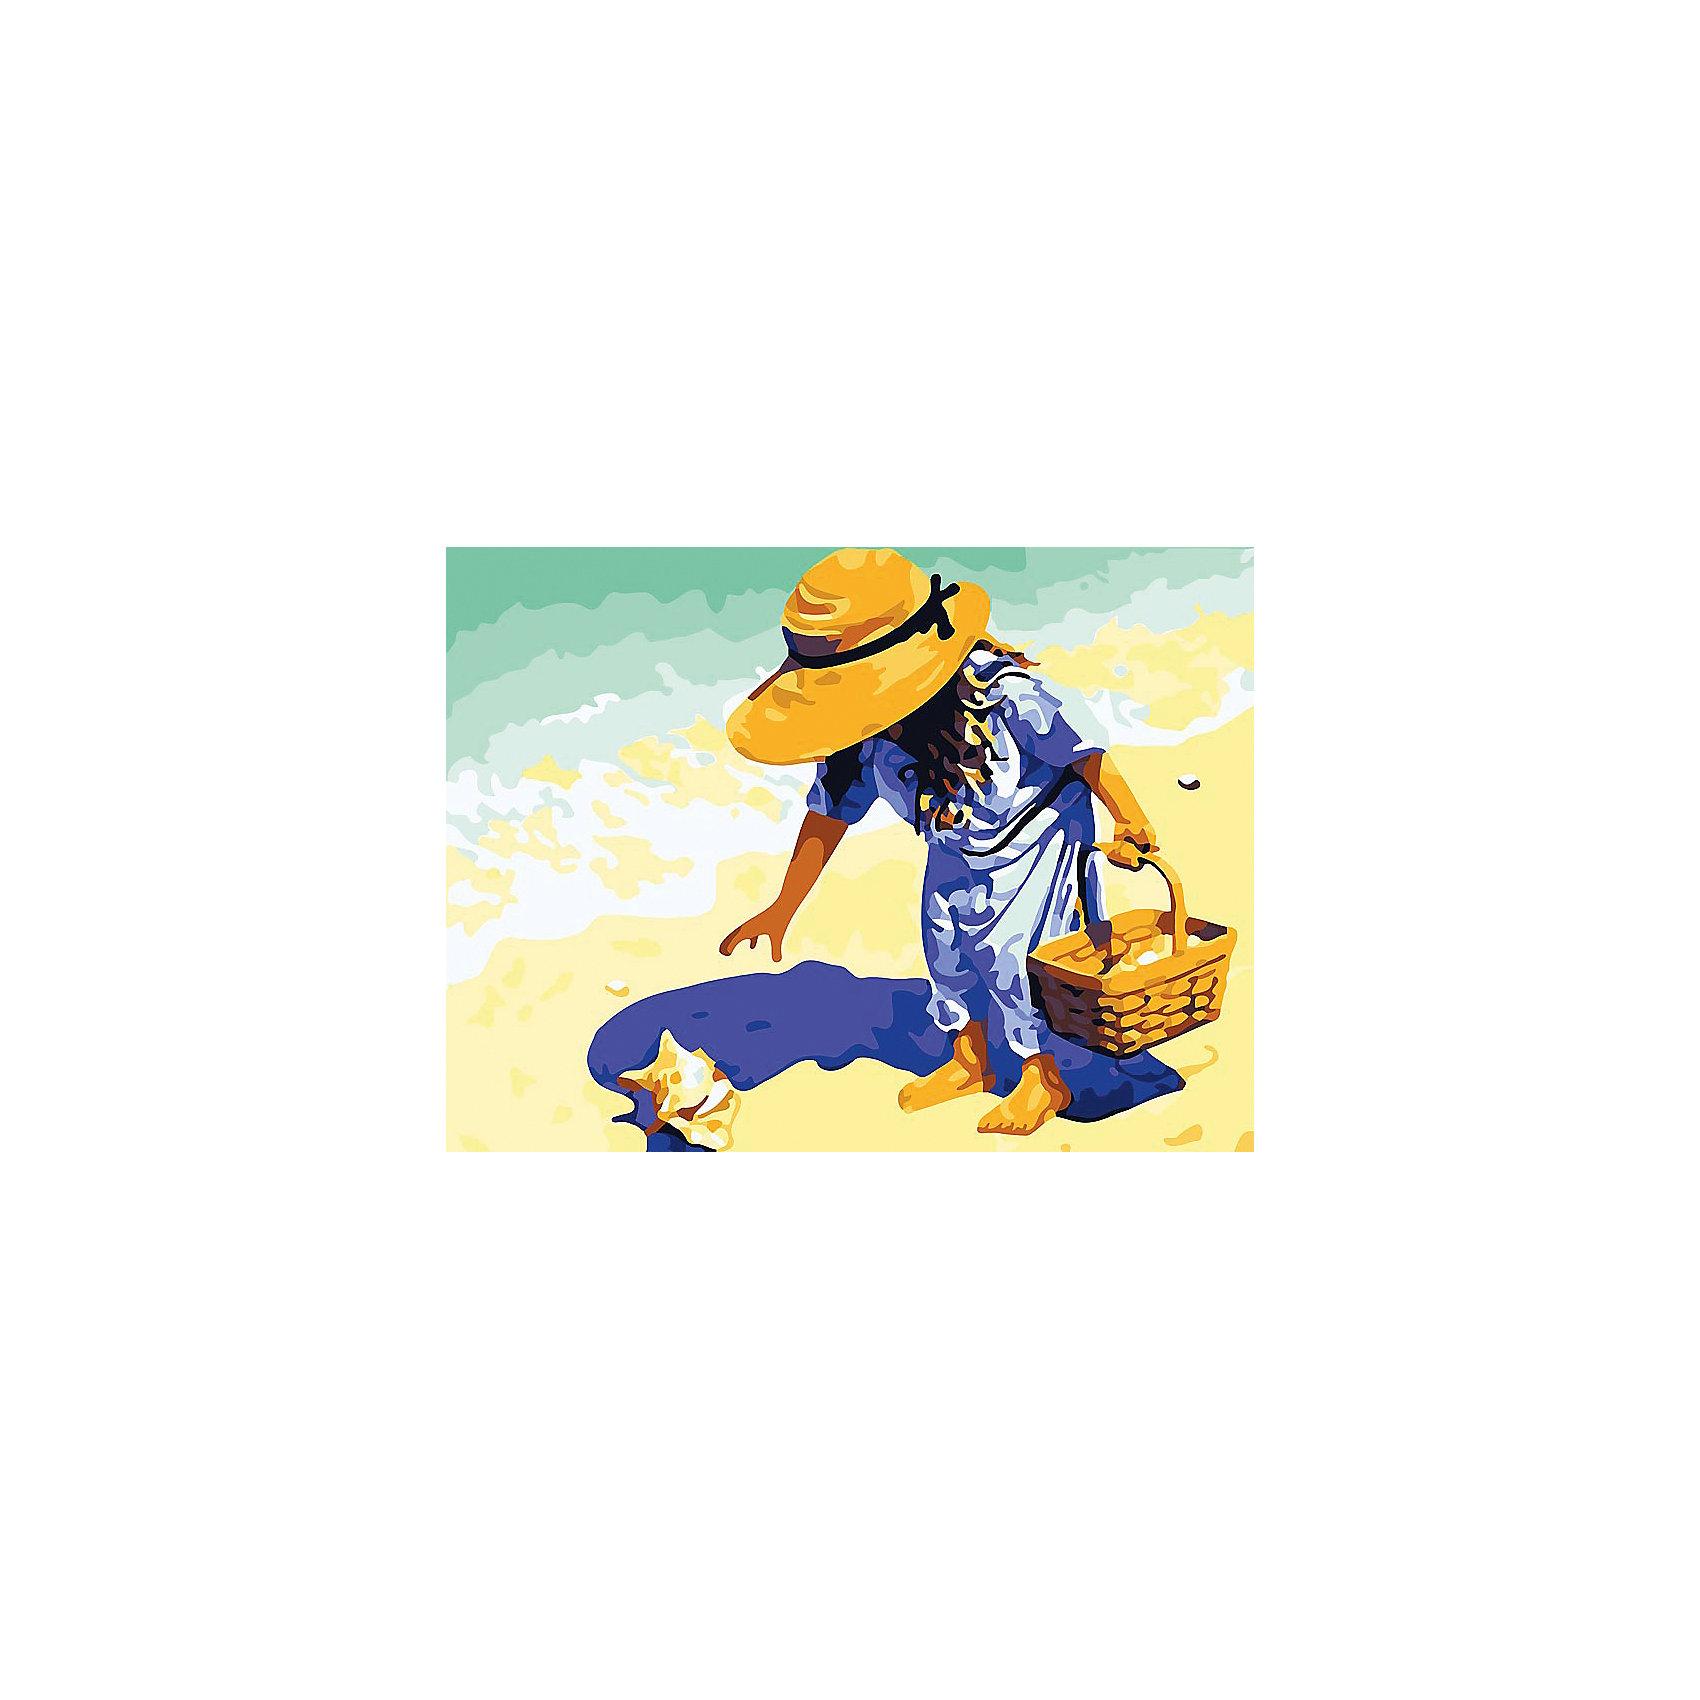 Живопись на холсте Морские находки 30*40 смХарактеристики товара:<br><br>• комплектация: холст, карта рисунка, краски, кисти, инструкция, крепление для картины<br>• размер упаковки: 41х31х3 см<br>• размер холста: 40х30 см<br>• не требует специальных навыков<br>• страна бренда: Российская Федерация<br>• страна производства: Китай<br><br>Набор для раскрашивания по номерам - это отличный подарок для ребенка или взрослого! В комплекте есть всё необходимое для самостоятельного создания шедевра: холст, краски, кисти и инструкция. Акриловые краски не нужно смешивать - каждый номер баночки соответствует номеру нужного оттенка на холсте. Нарисовать картину сможет даже человек, никогда раньше не рисовавший! Готовое полотно и может стать украшением интерьера или подарком для близких.<br>Комплектующие набора качественно выполнены, сделаны из безопасных для детей материалов. Рисование помогает детям лучше развить мелкую моторику, память, внимание, аккуратность и мышление. Такой набор - отличный подарок ребенку, но он сможет увлечь даже взрослого!<br><br>Живопись на холсте Морские находки 30*40 см от бренда Белоснежка можно купить в нашем интернет-магазине.<br><br>Ширина мм: 410<br>Глубина мм: 310<br>Высота мм: 25<br>Вес г: 567<br>Возраст от месяцев: 72<br>Возраст до месяцев: 2147483647<br>Пол: Женский<br>Возраст: Детский<br>SKU: 5275910